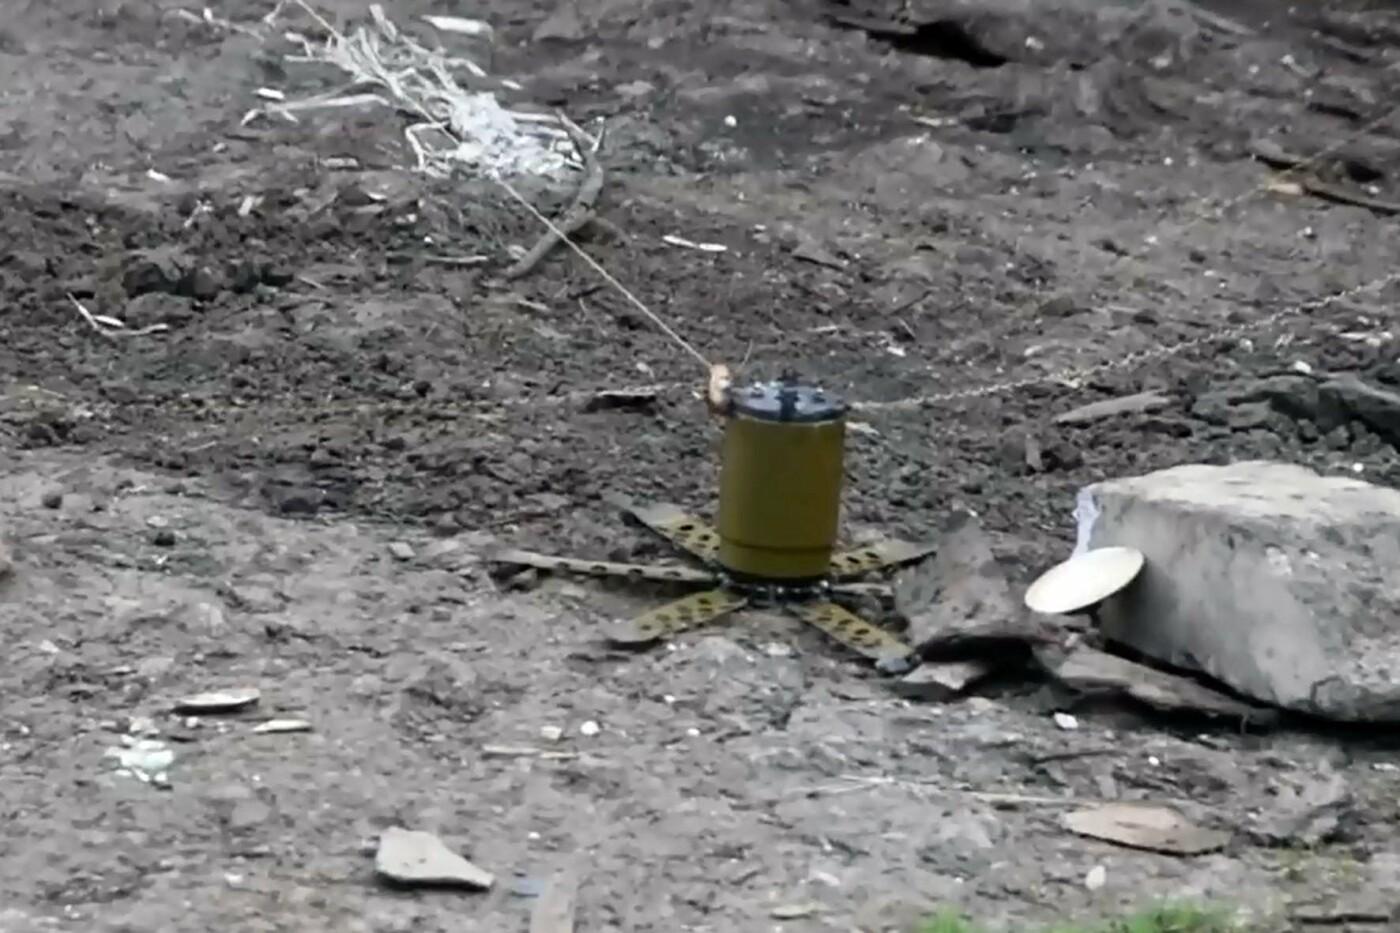 Миссия ОБСЕ за два дня выявила более двух тысяч мин на востоке Украины, - ФОТО, фото-4